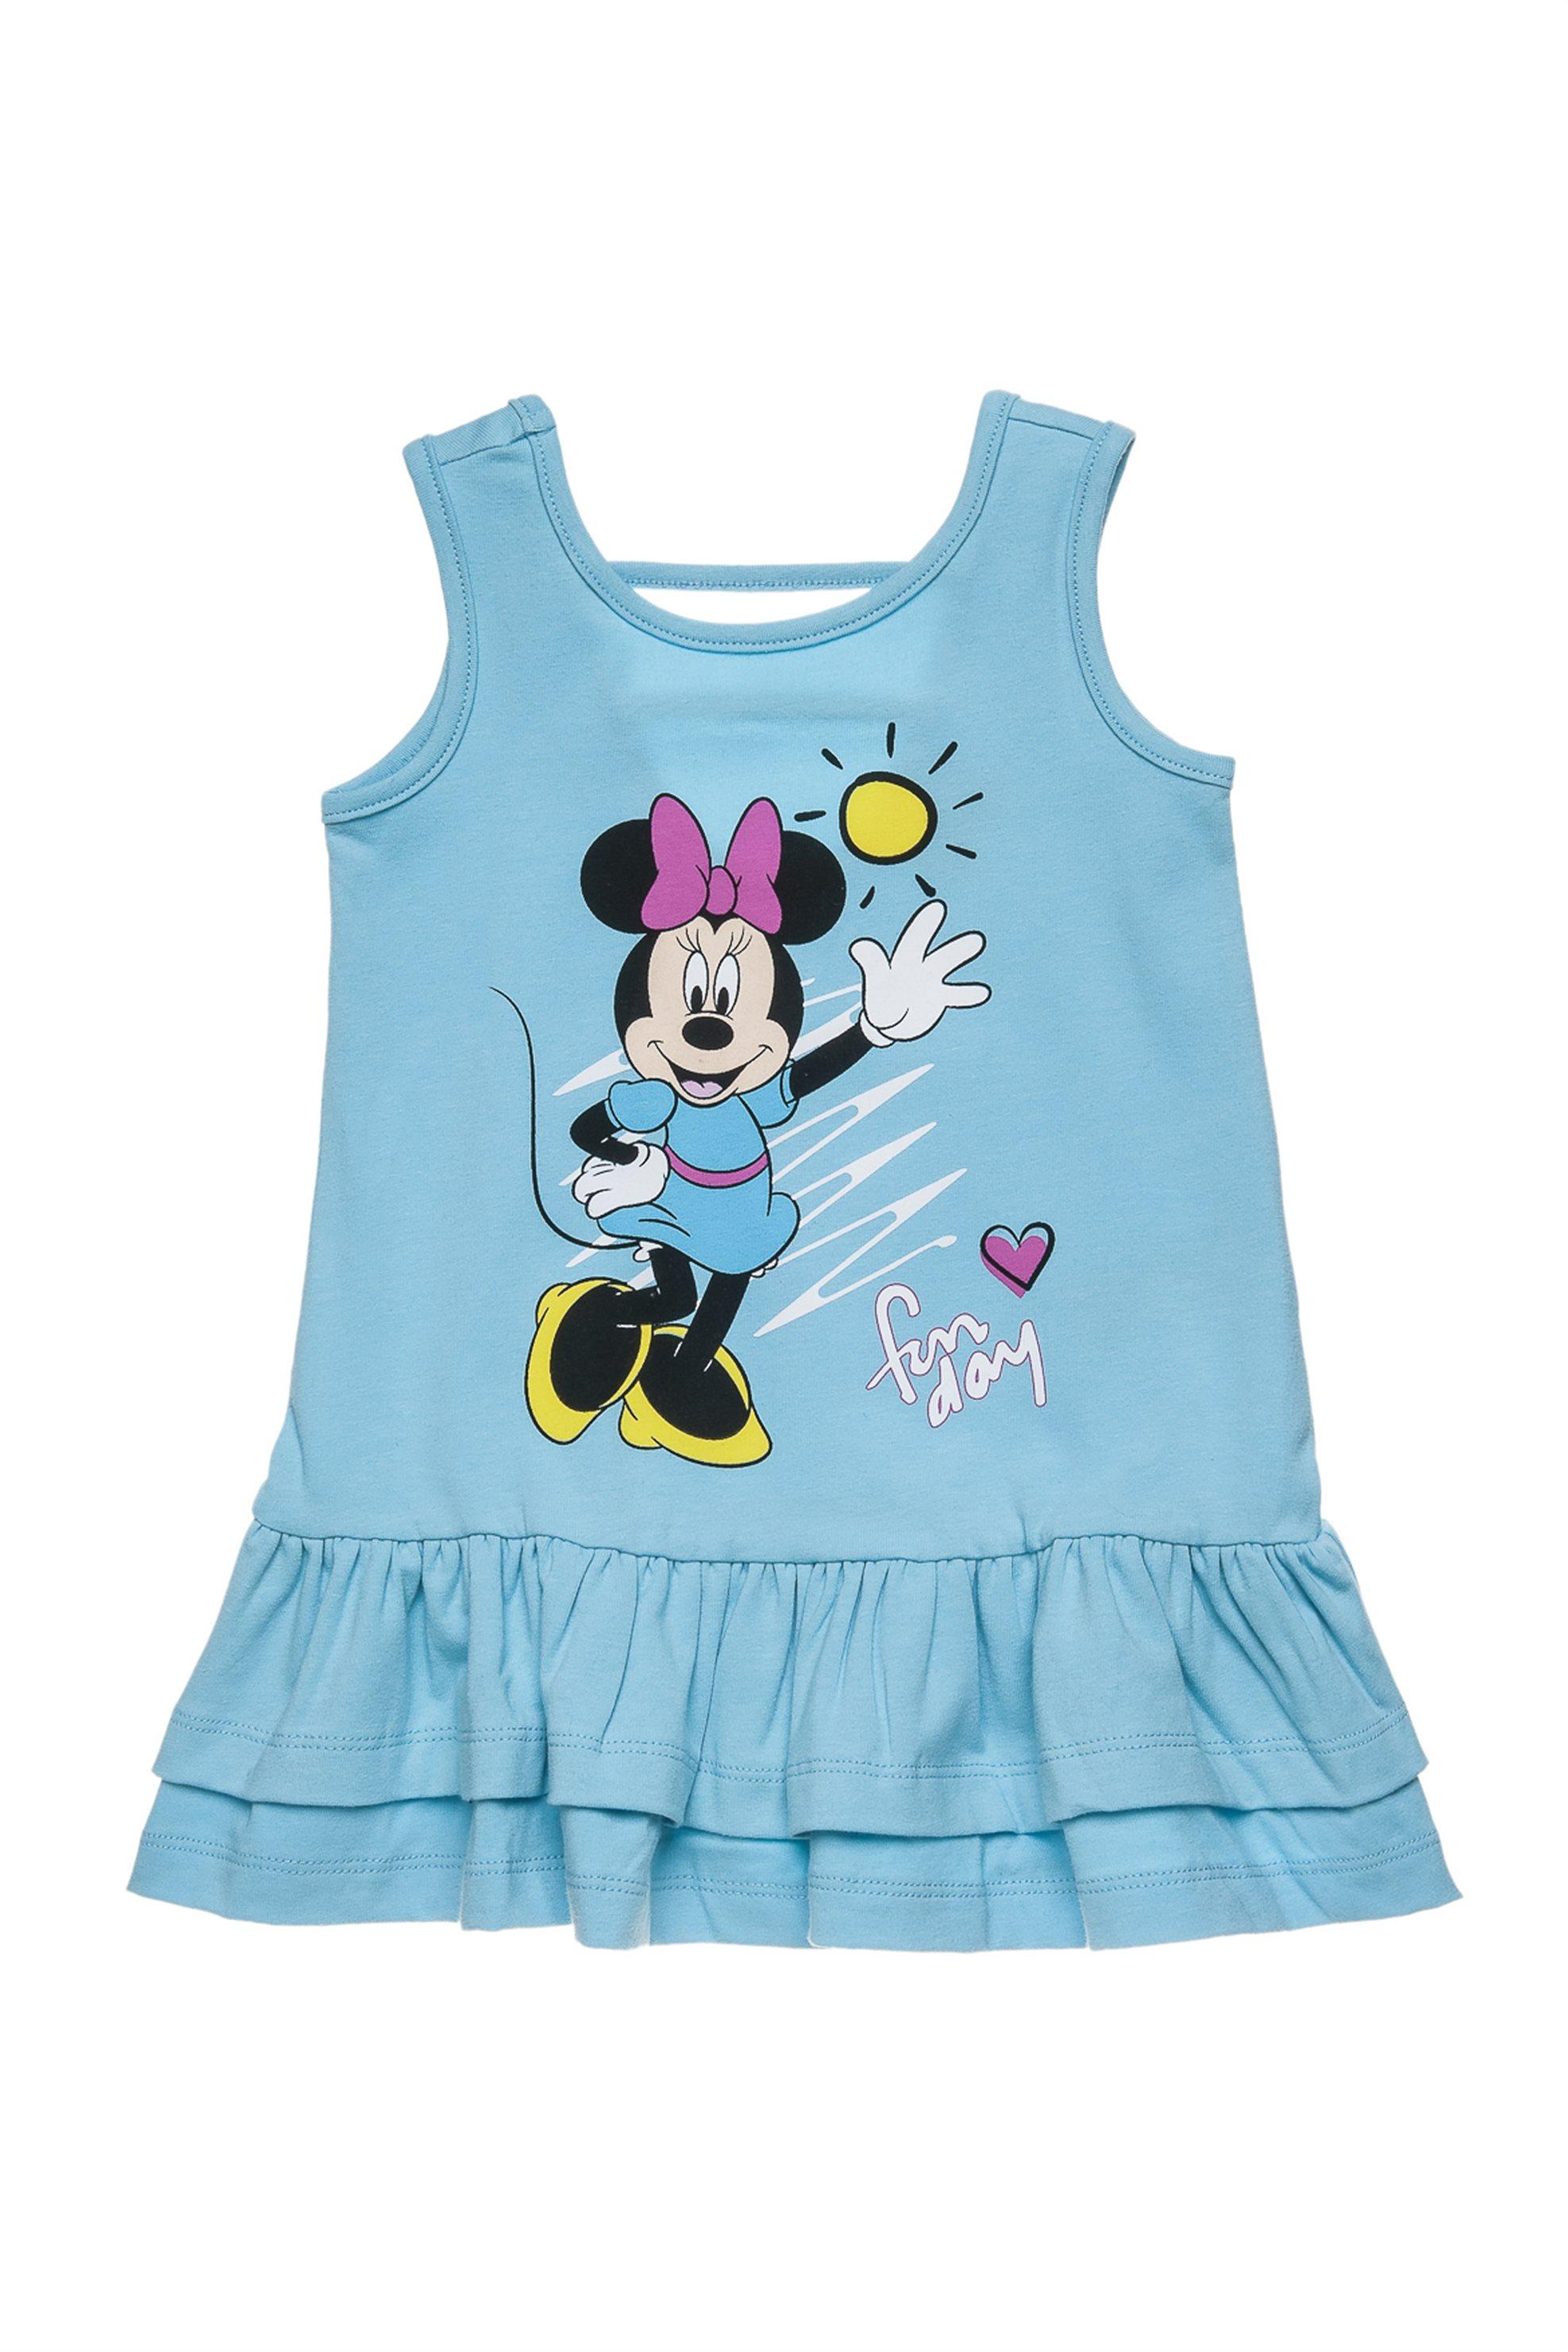 Βρεφικό φόρεμα αμάνικο Minnie Mouse Disney - 00340199 - Τυρκουάζ παιδι   βρεφικα κοριτσι   0 3 ετων   κοριτσι   4 14 ετων   ρούχα   φορέματα   φο